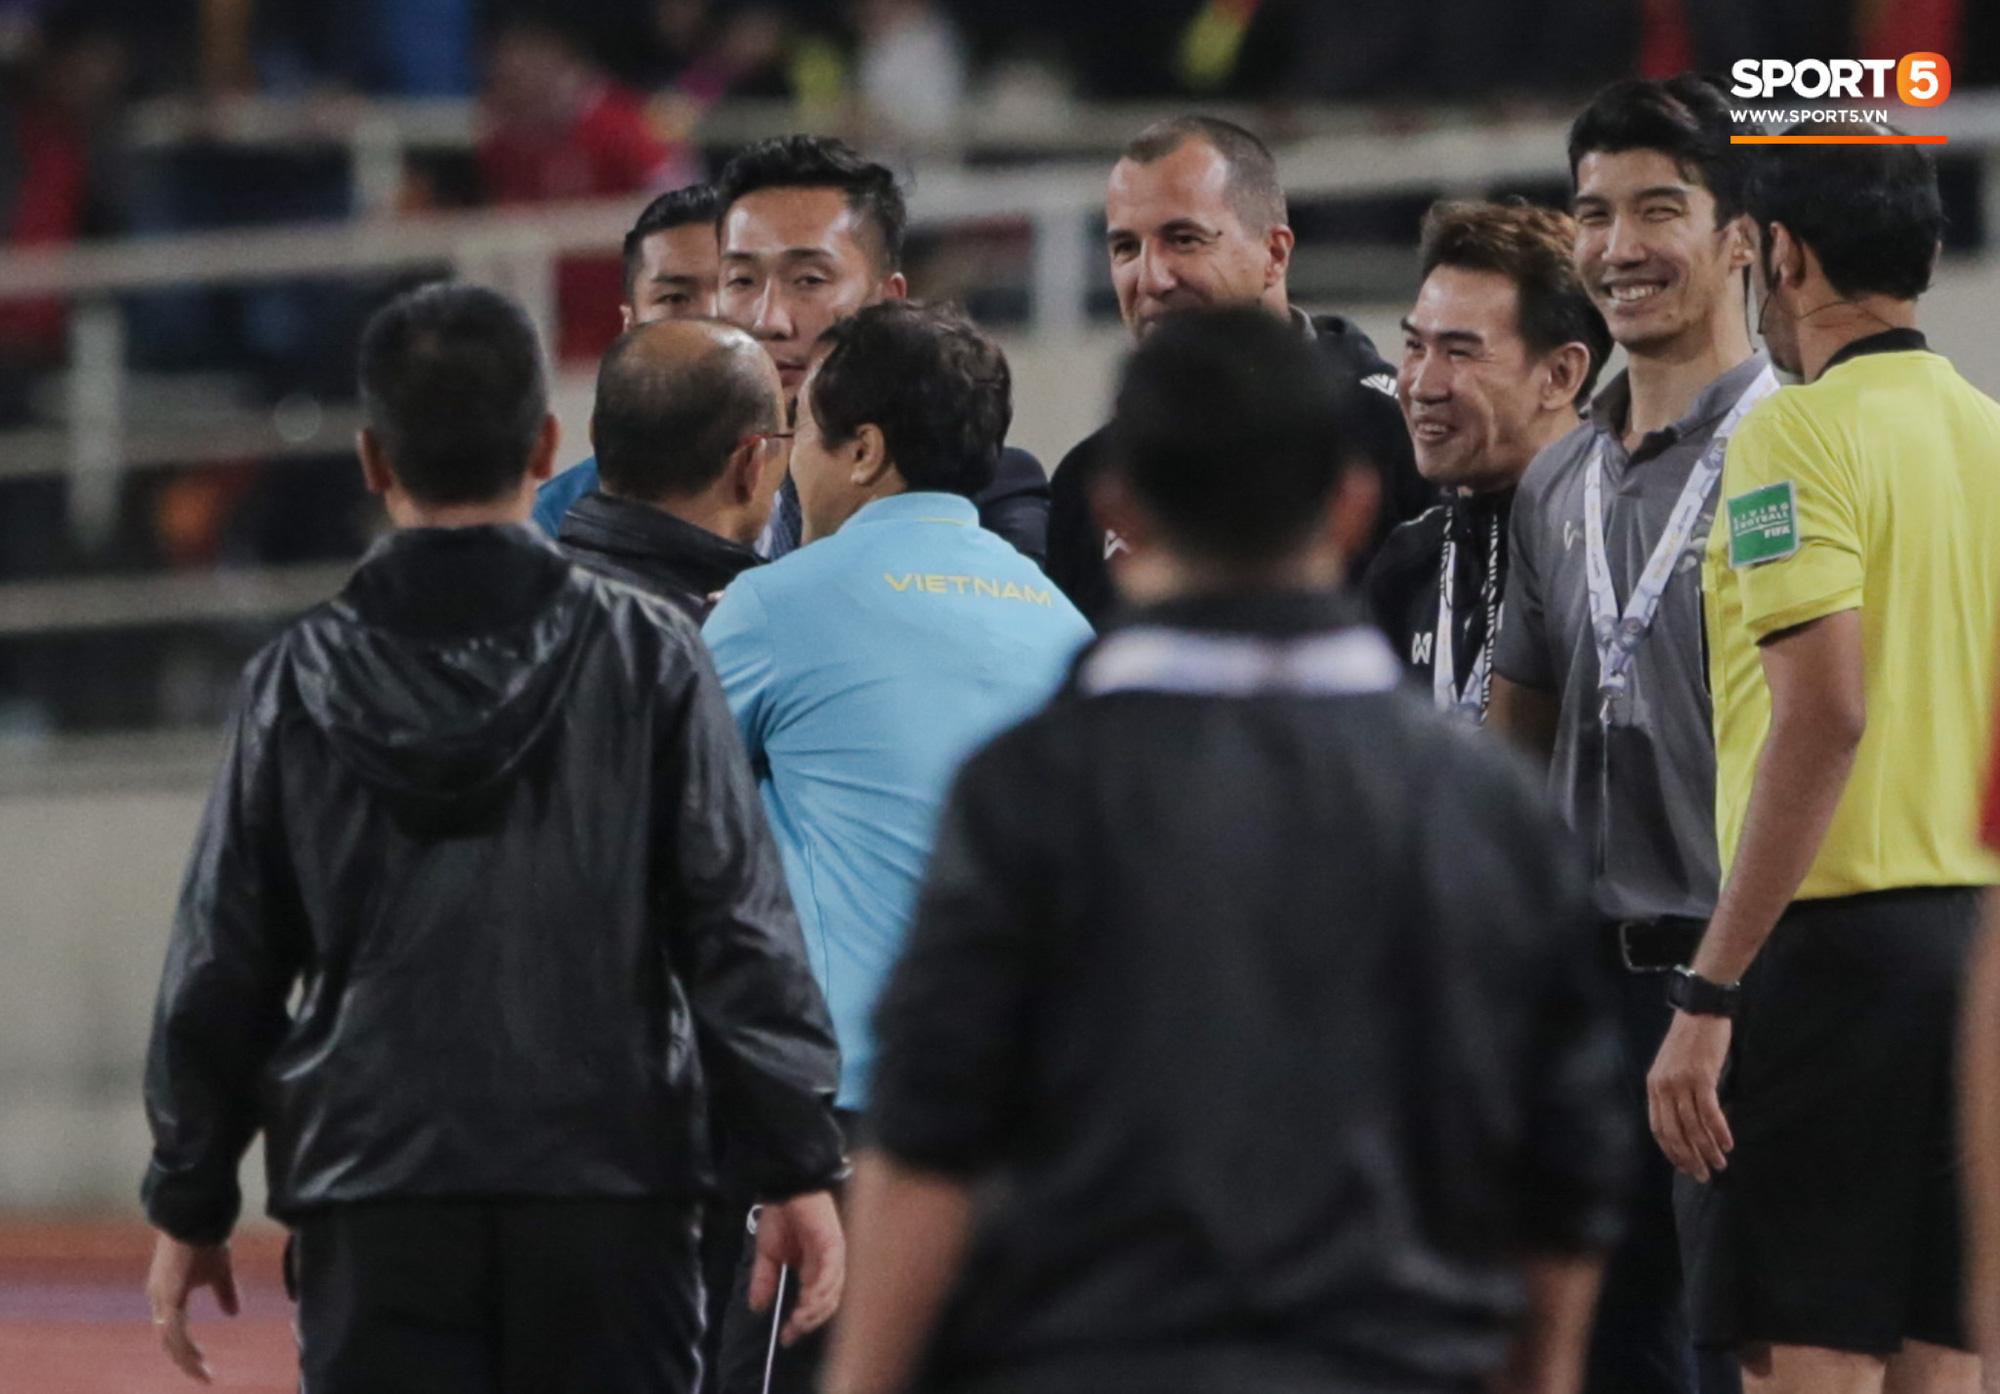 Nghiệp quật cực đau: Vị trợ lý HLV Thái từng cà khịa chiều cao HLV Park giờ đã phải ôm đầu cay đắng vì đội nhà không được trọng tài thương - Ảnh 7.